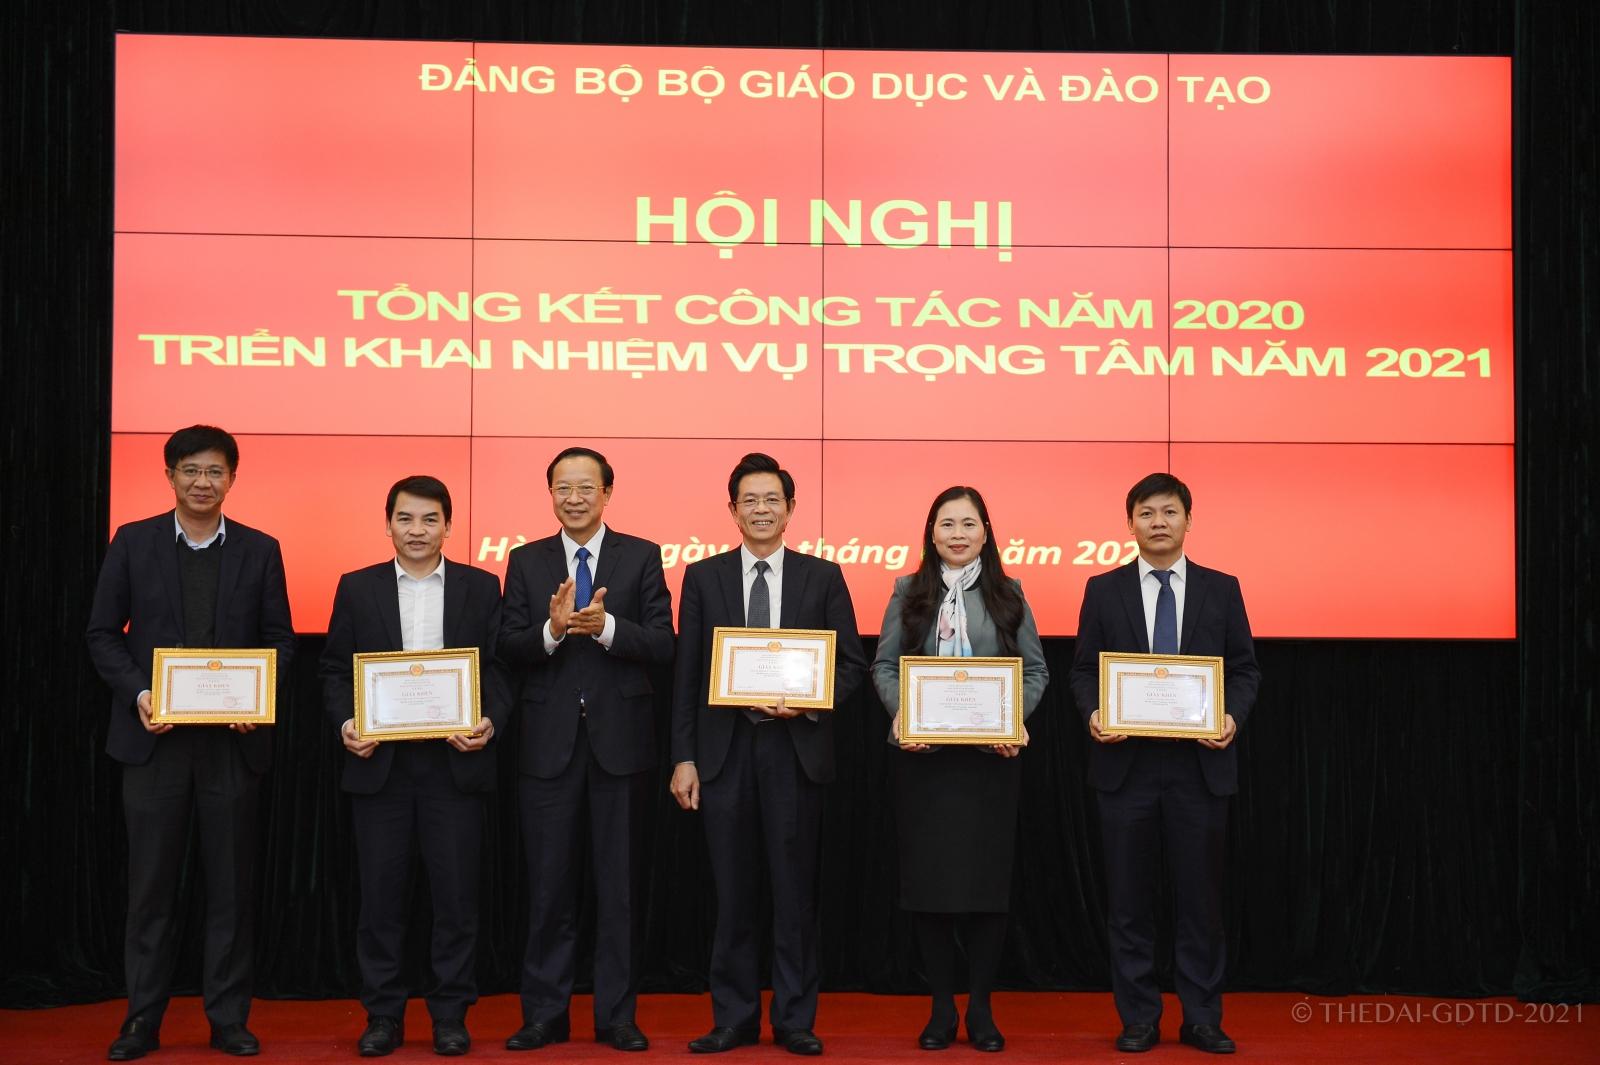 Đảng bộ Bộ GDĐT triển khai nhiệm vụ năm 2021